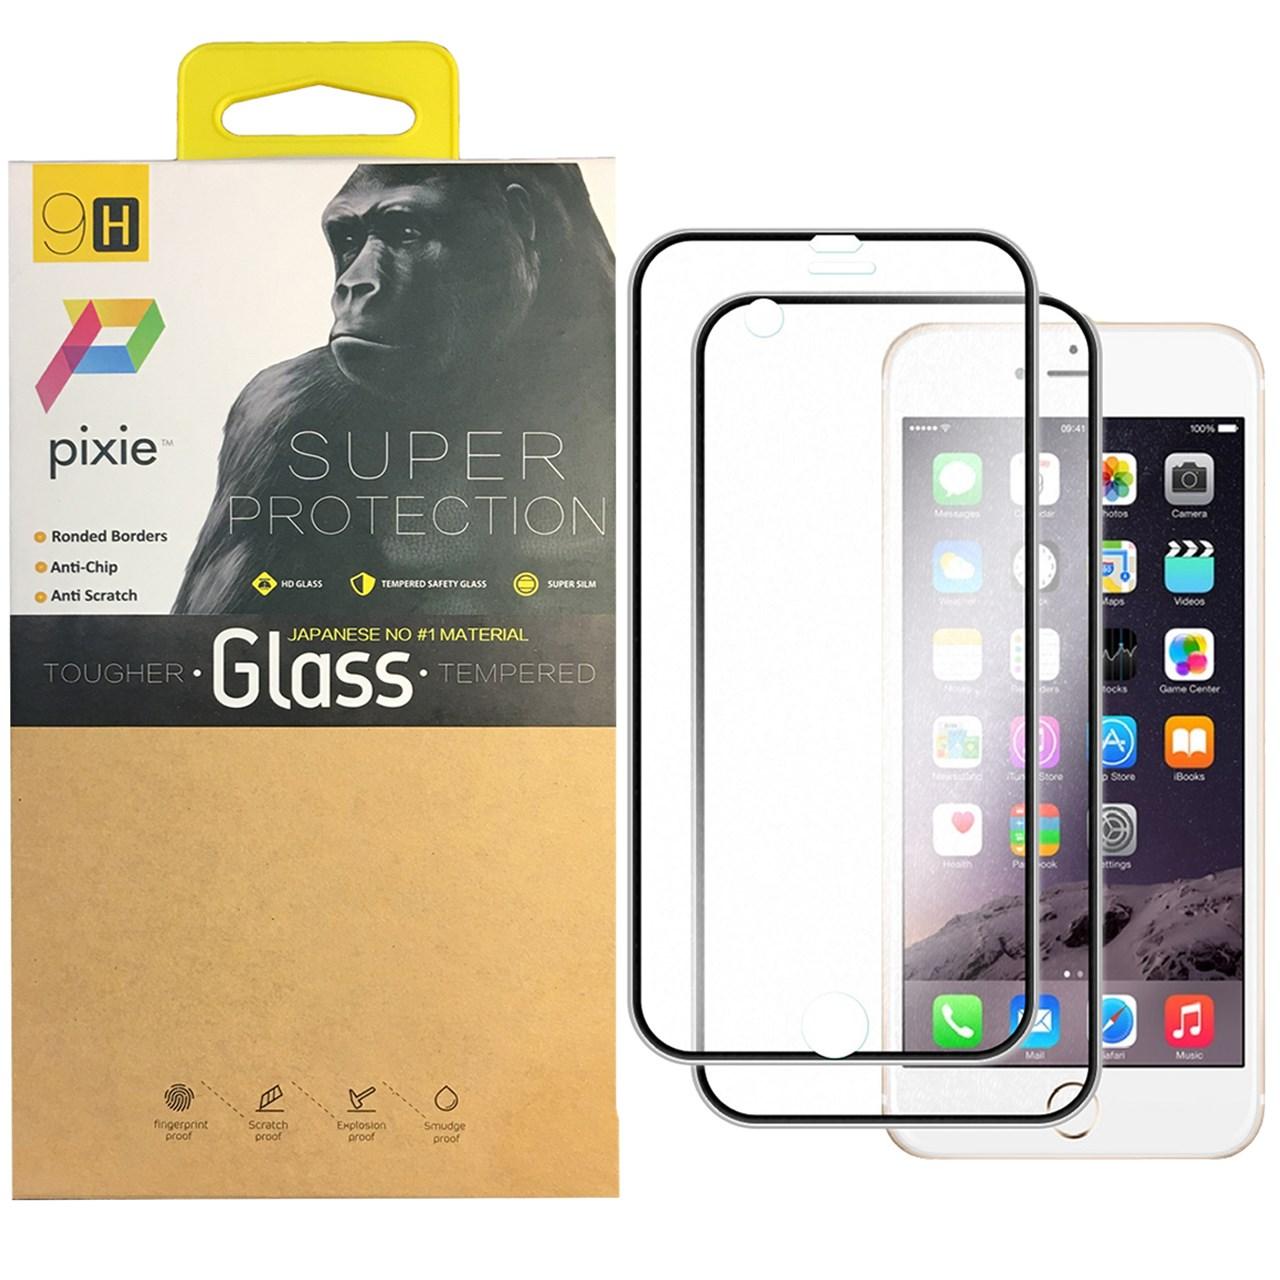 محافظ صفحه نمایش تمام چسب شیشه ای پشت و جلوی  پیکسی مدل Titanium مناسب برای گوشی اپل آیفون 8